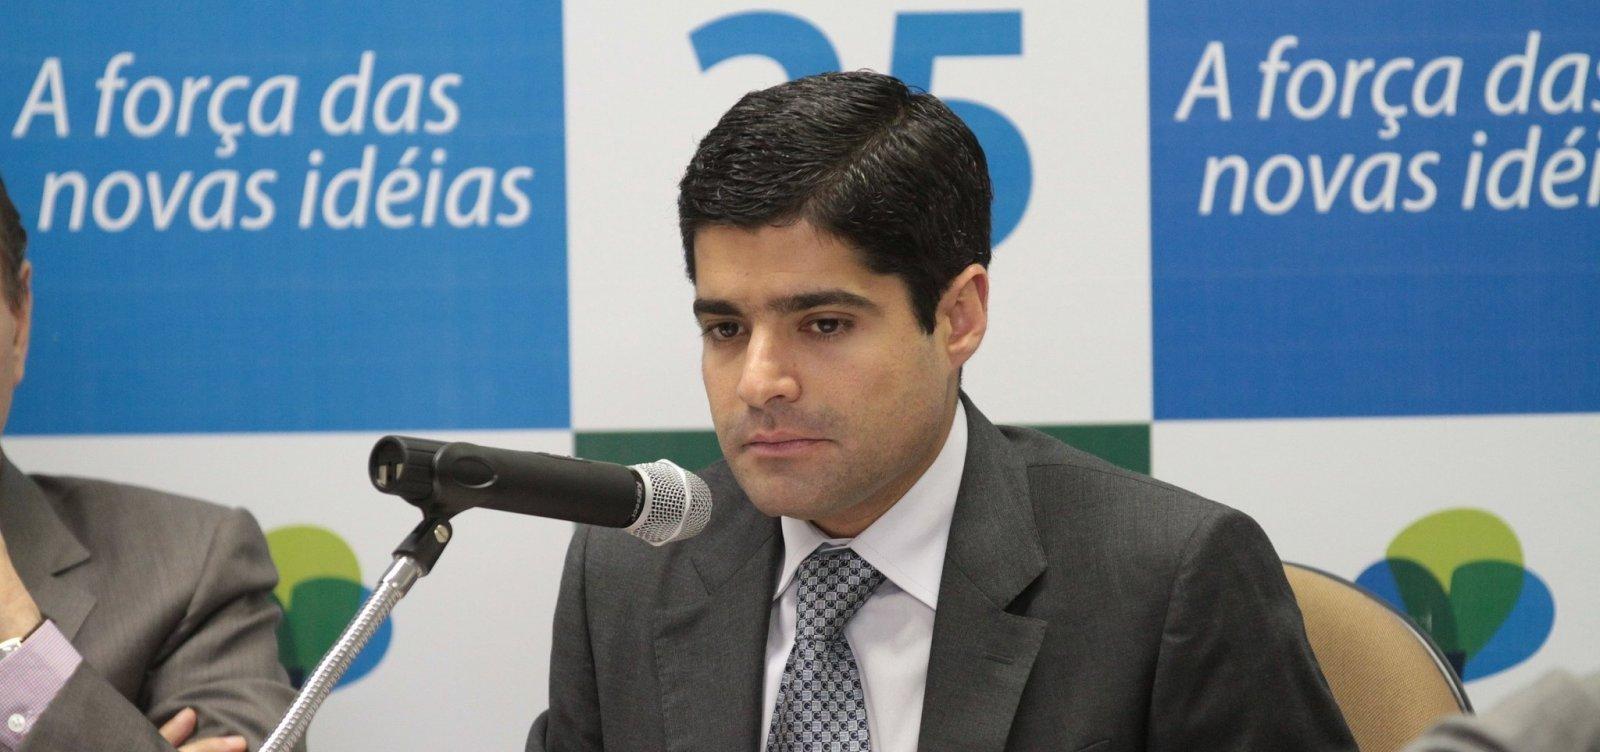 ['Brasil deu o maior cheque em branco da sua história' ao eleger Bolsonaro, diz ACM Neto]